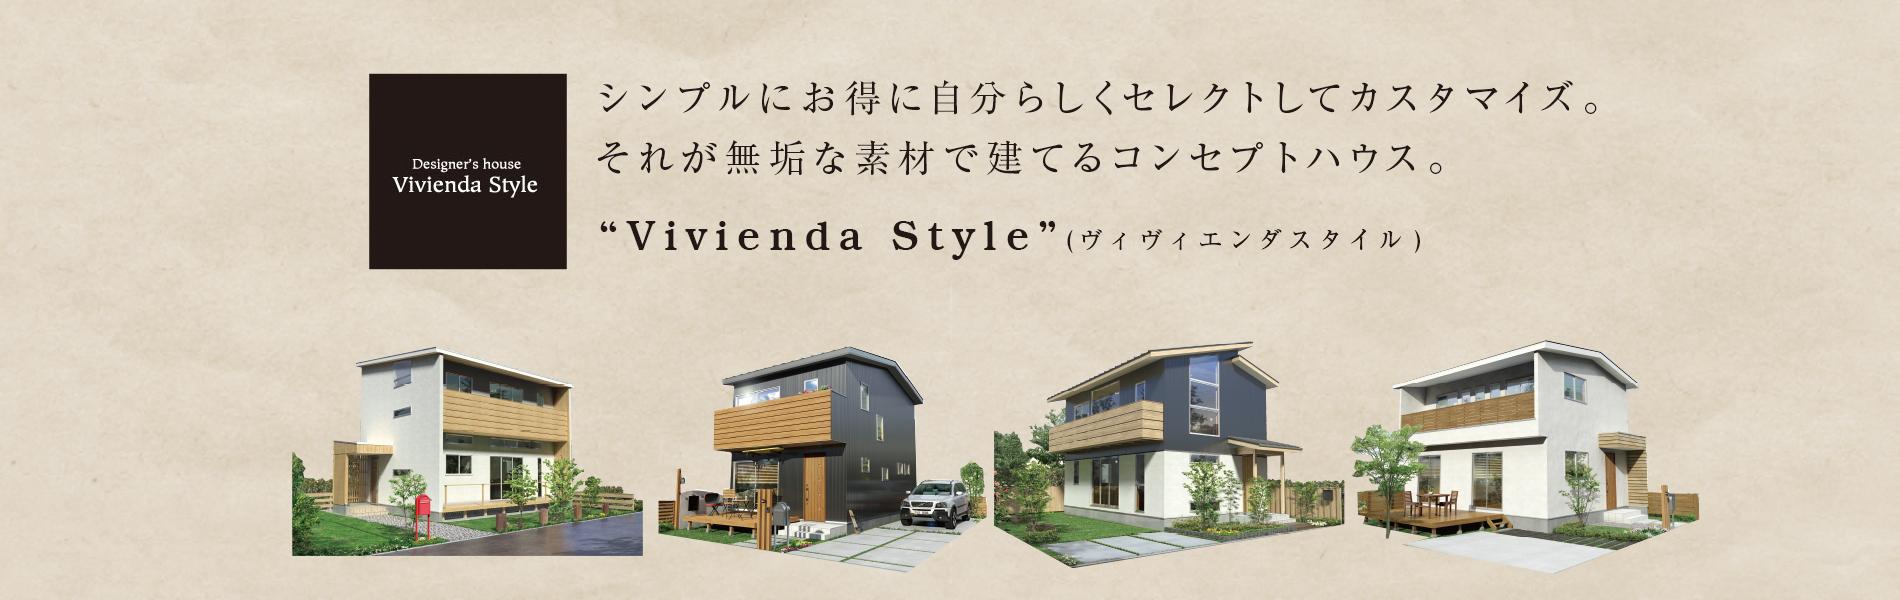 群馬県注文住宅ならデザイナーズハウス、ヴィヴィエンダスタイル(Vivienda Style)